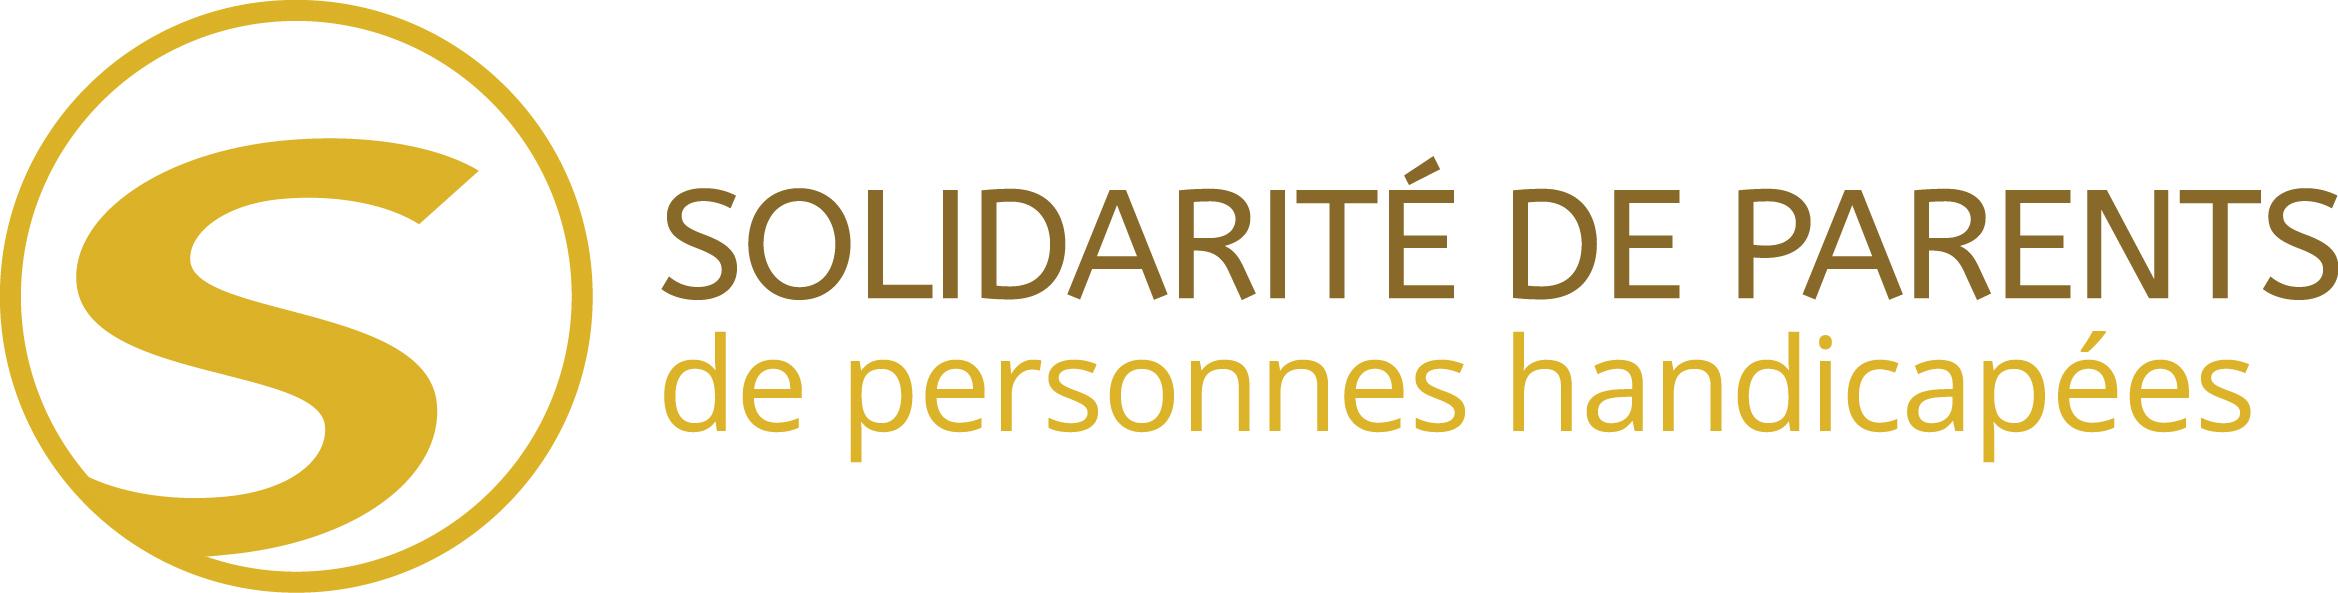 Logo Solidarité de parents de personnes handicapées